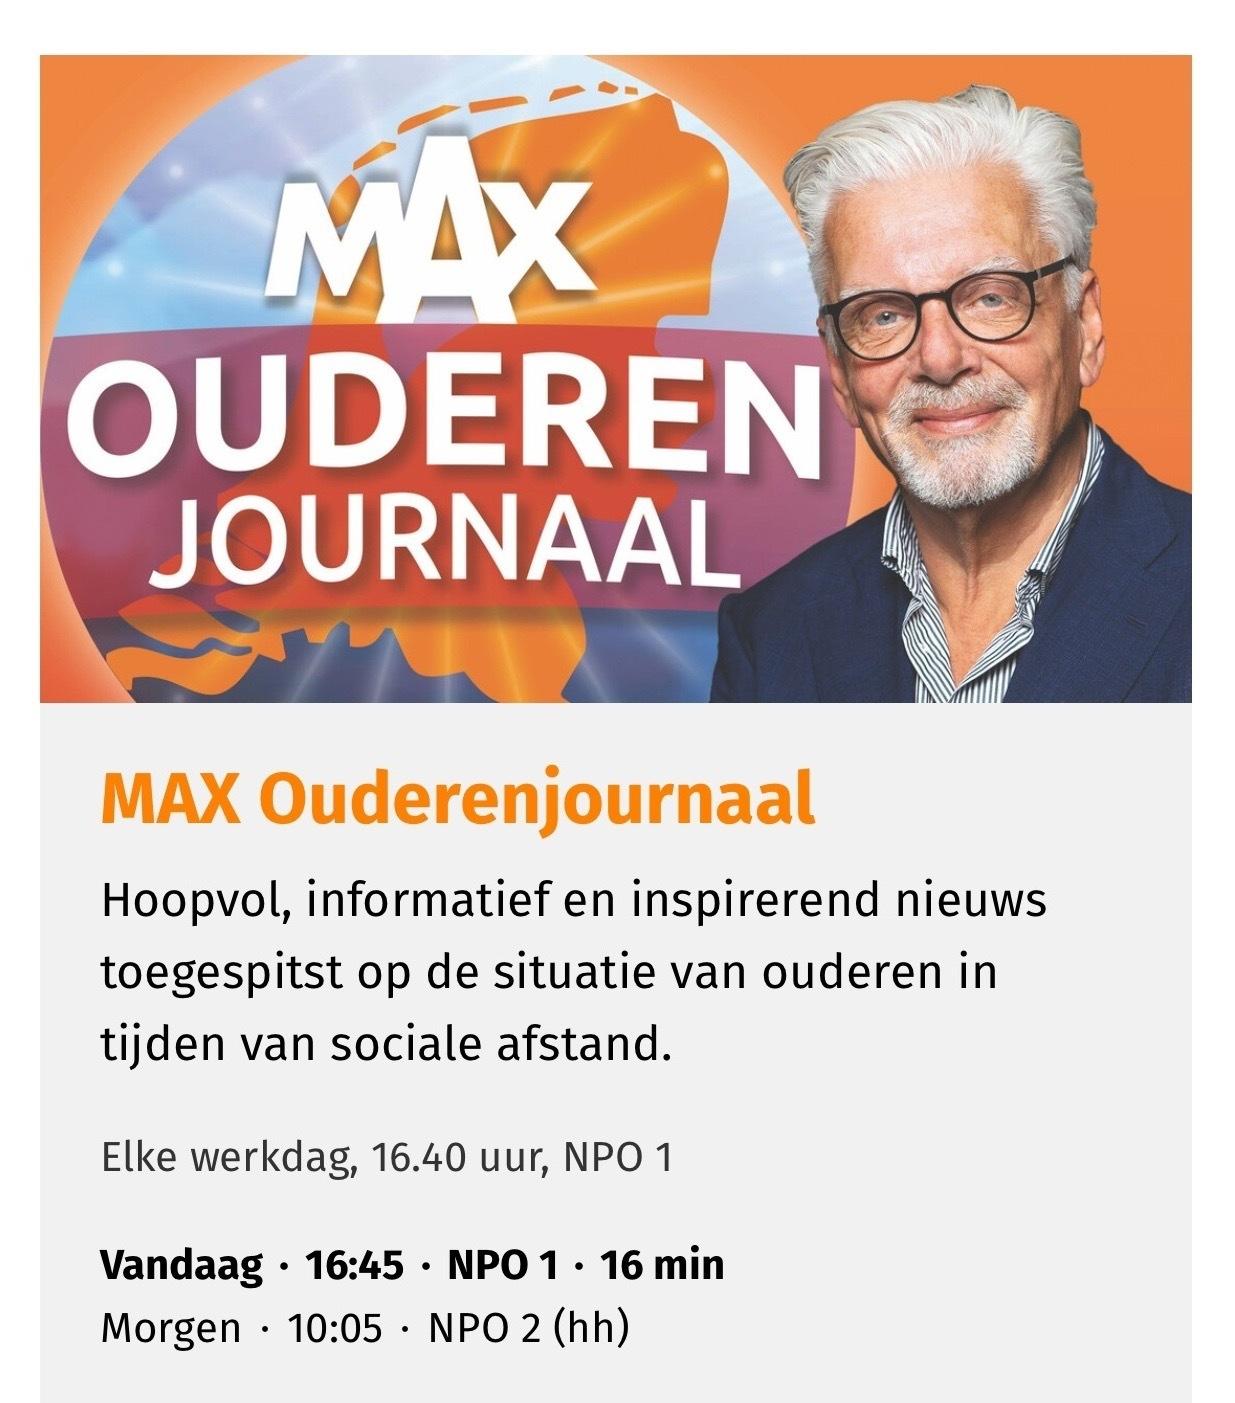 Omroep Max ouderen journaal datingoost speeddate senioren Holten Outdoors